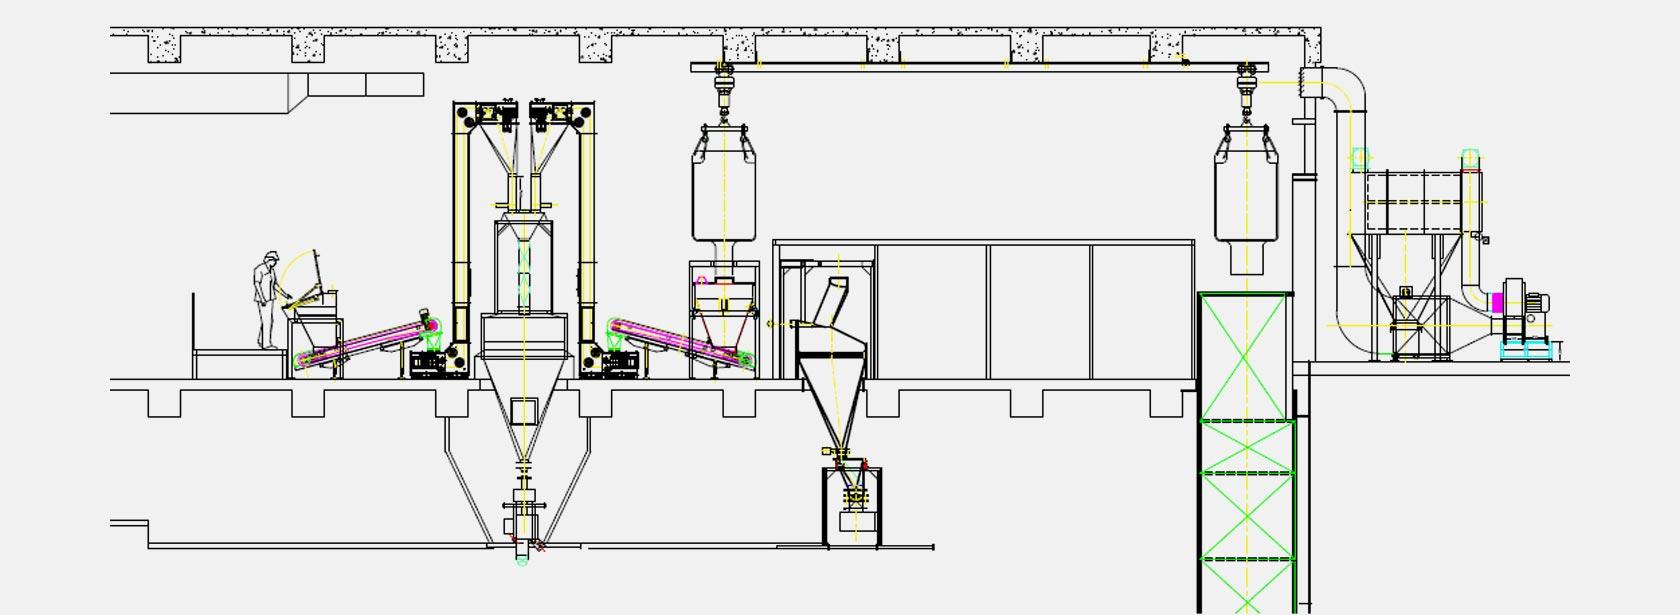 Βράϊκος – Σχεδίαση Βιομηχανικών Εγκαταστάσεων